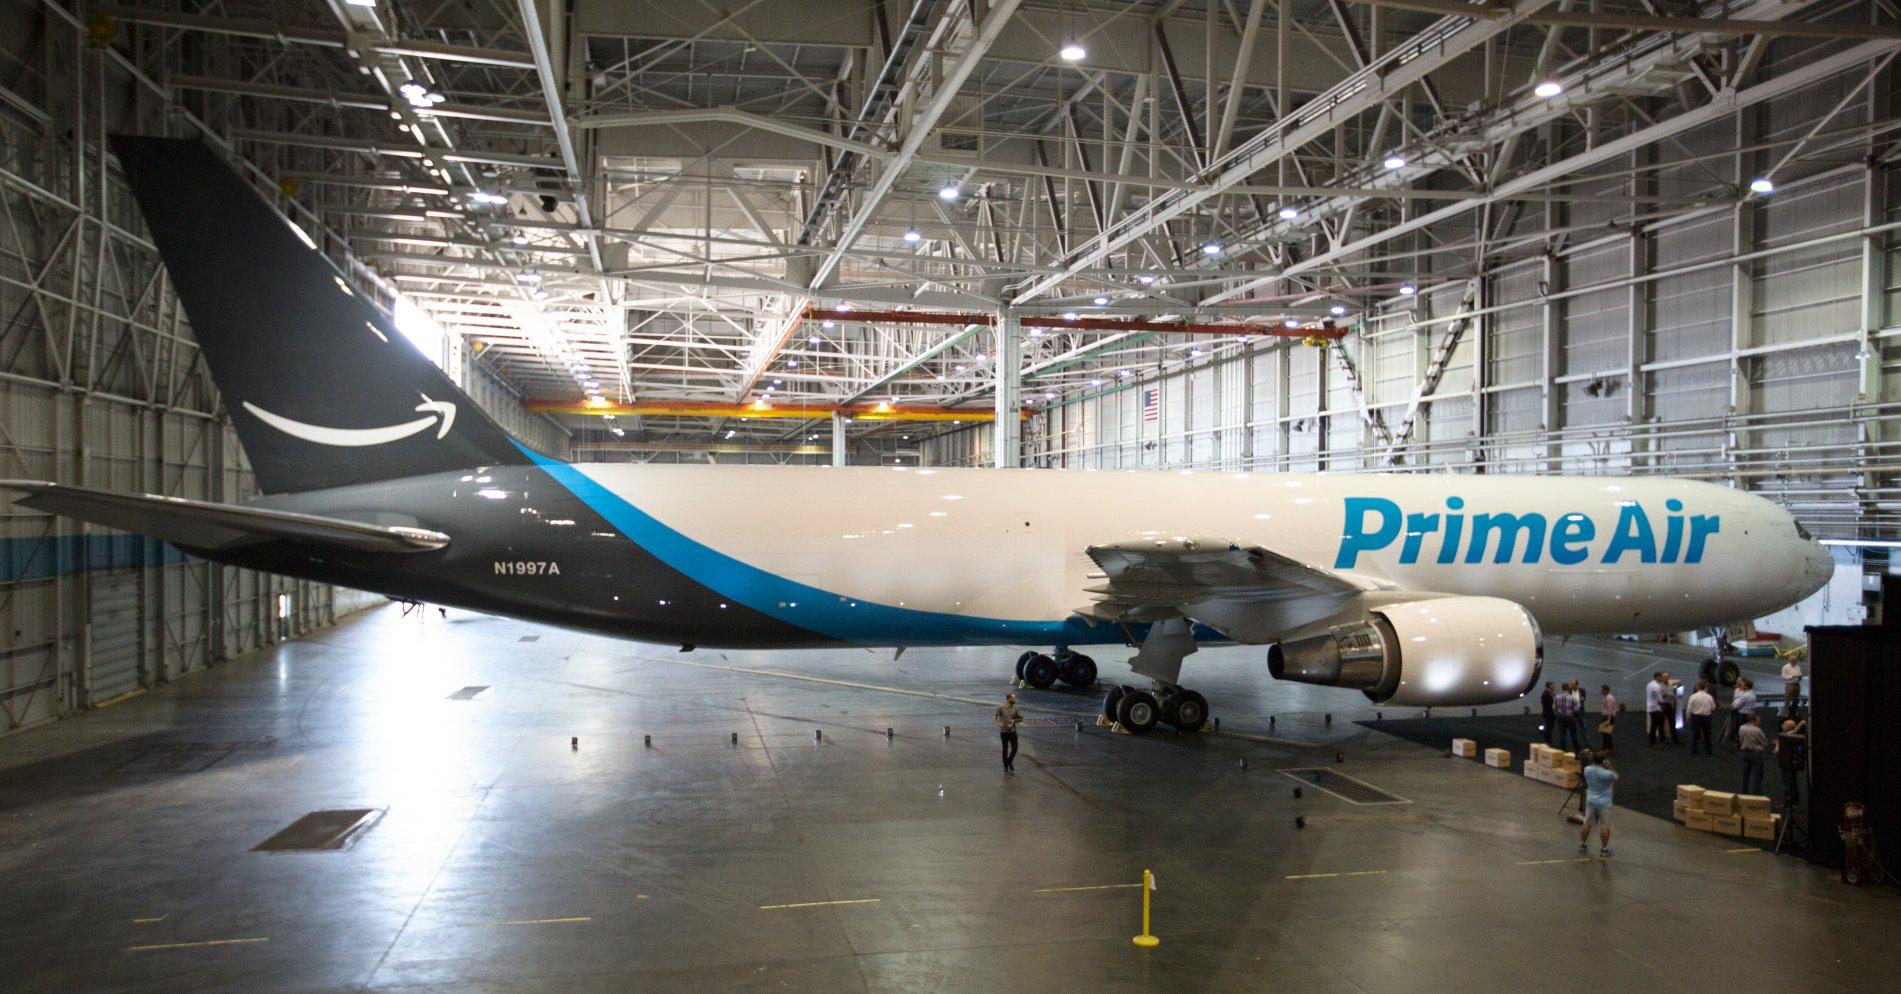 Amazon's Prime Air cargo jet.